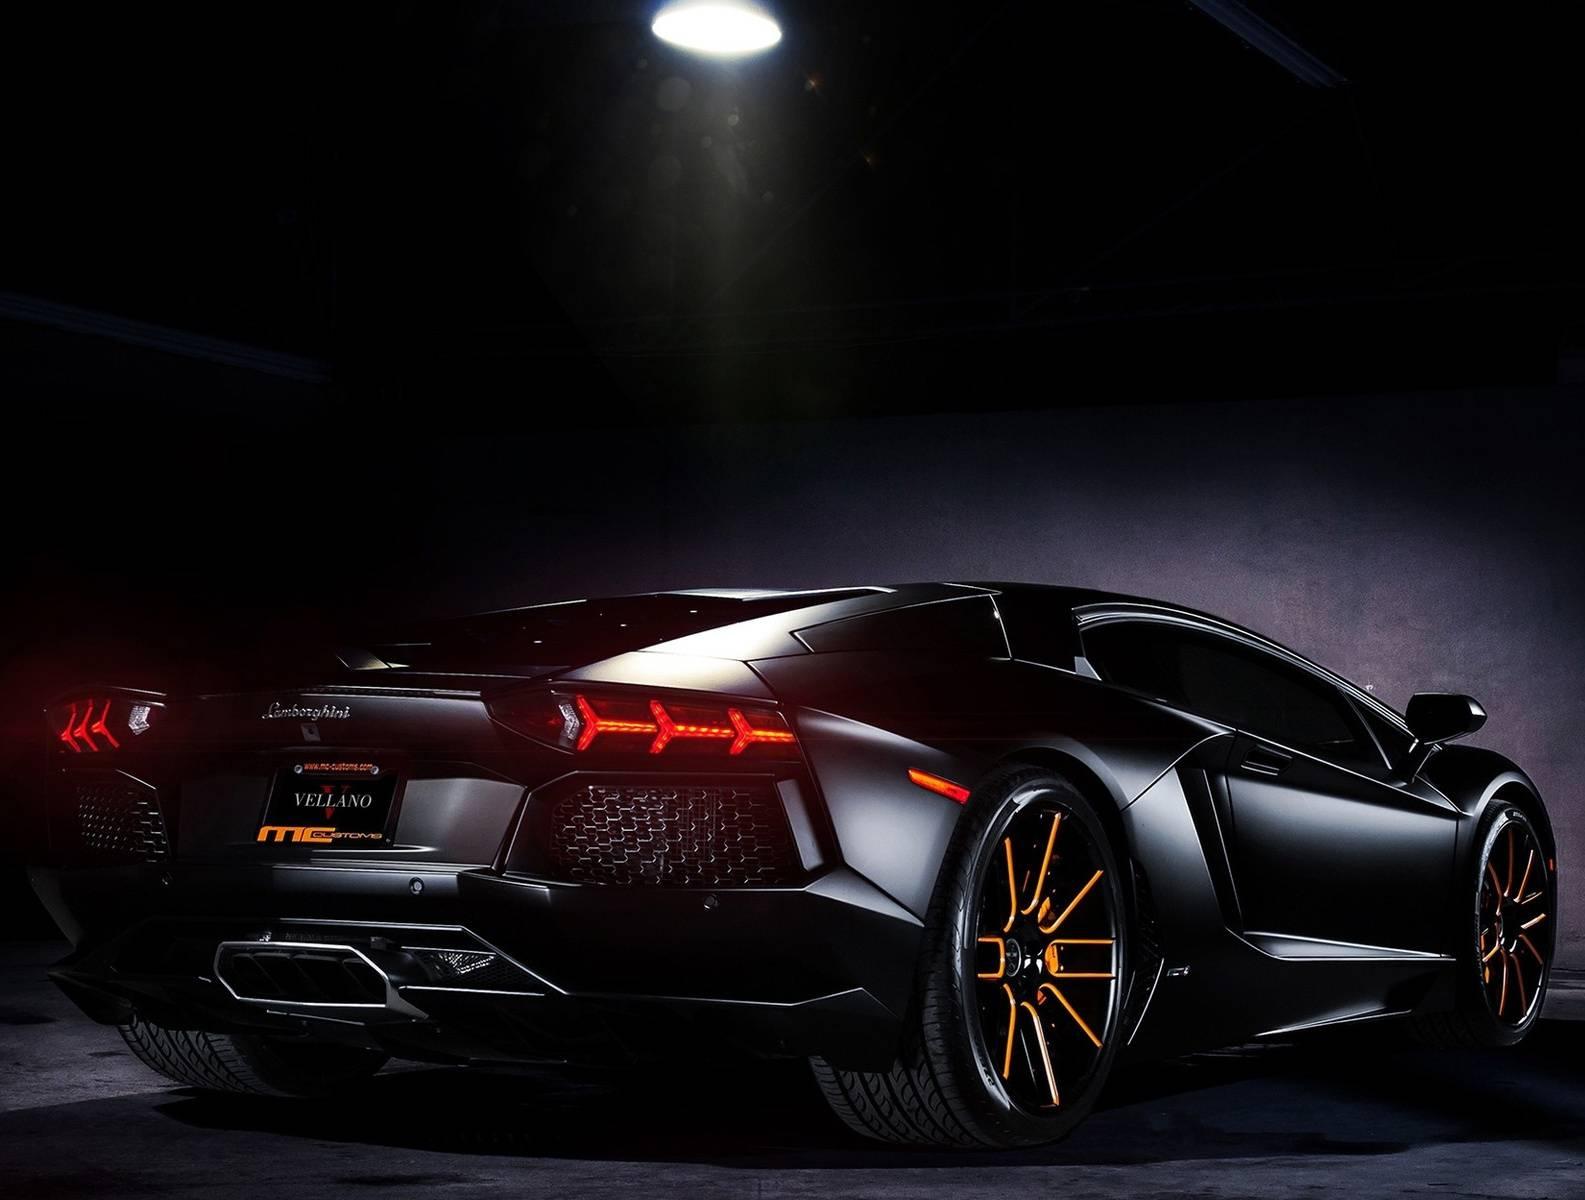 Black Aventador